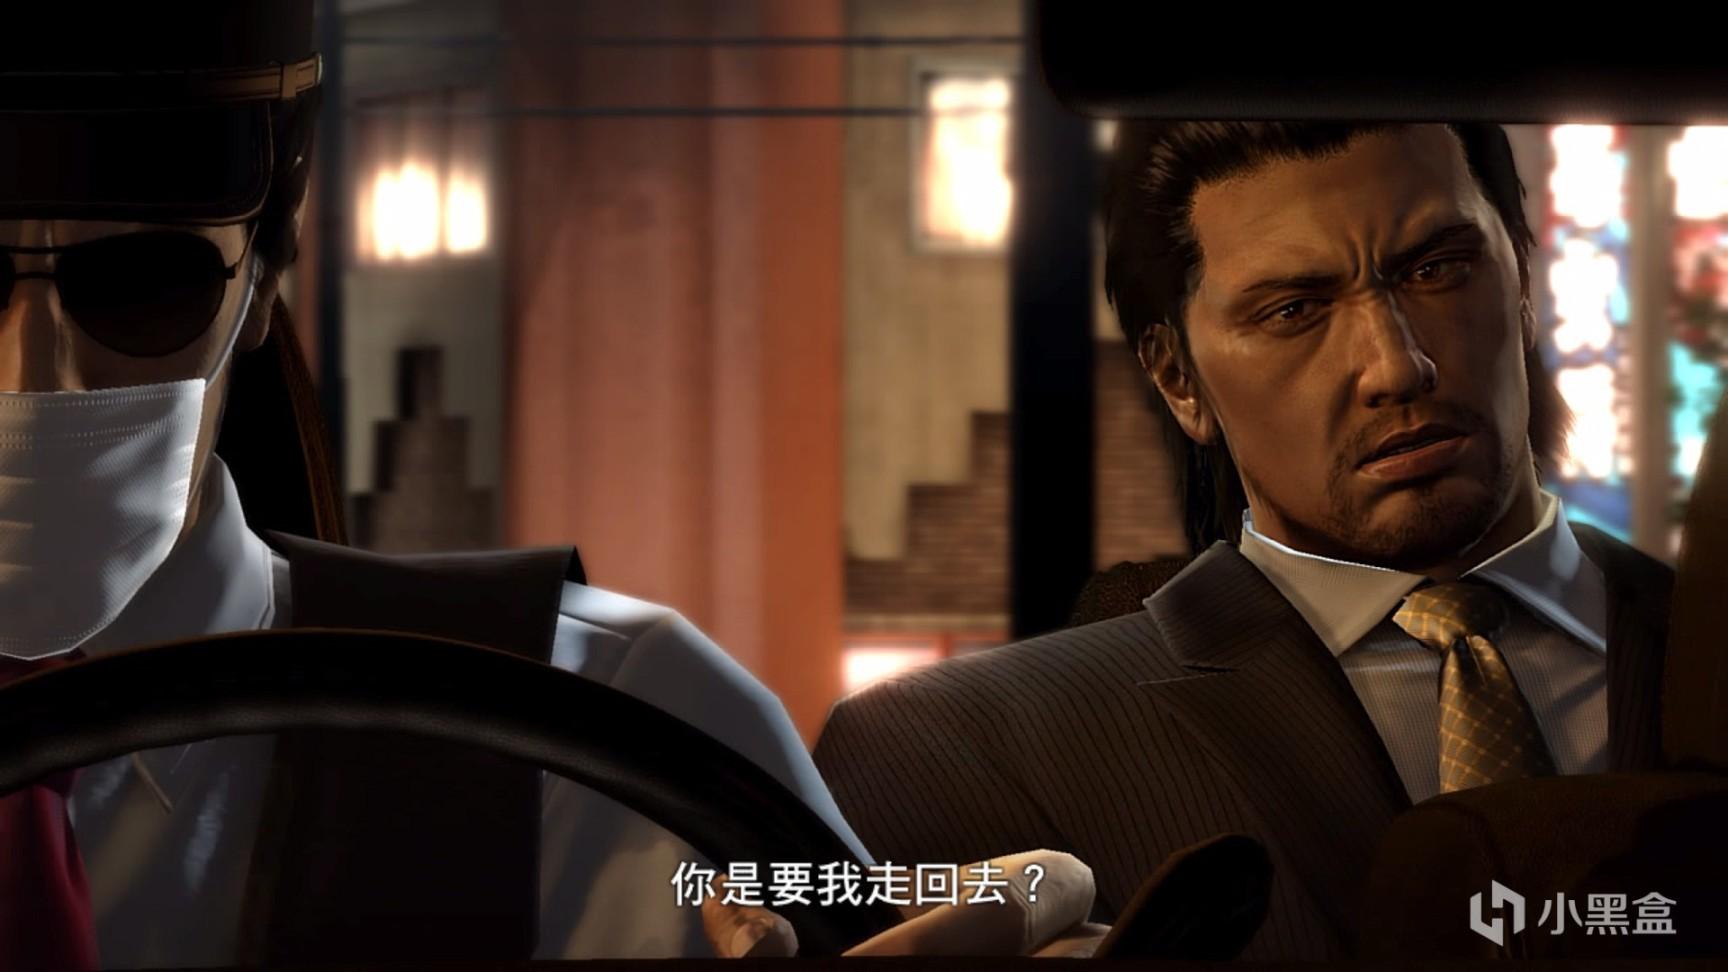 如龙(Yakuza)PC全系列(0~7)游戏介绍及游玩一览(中)插图33